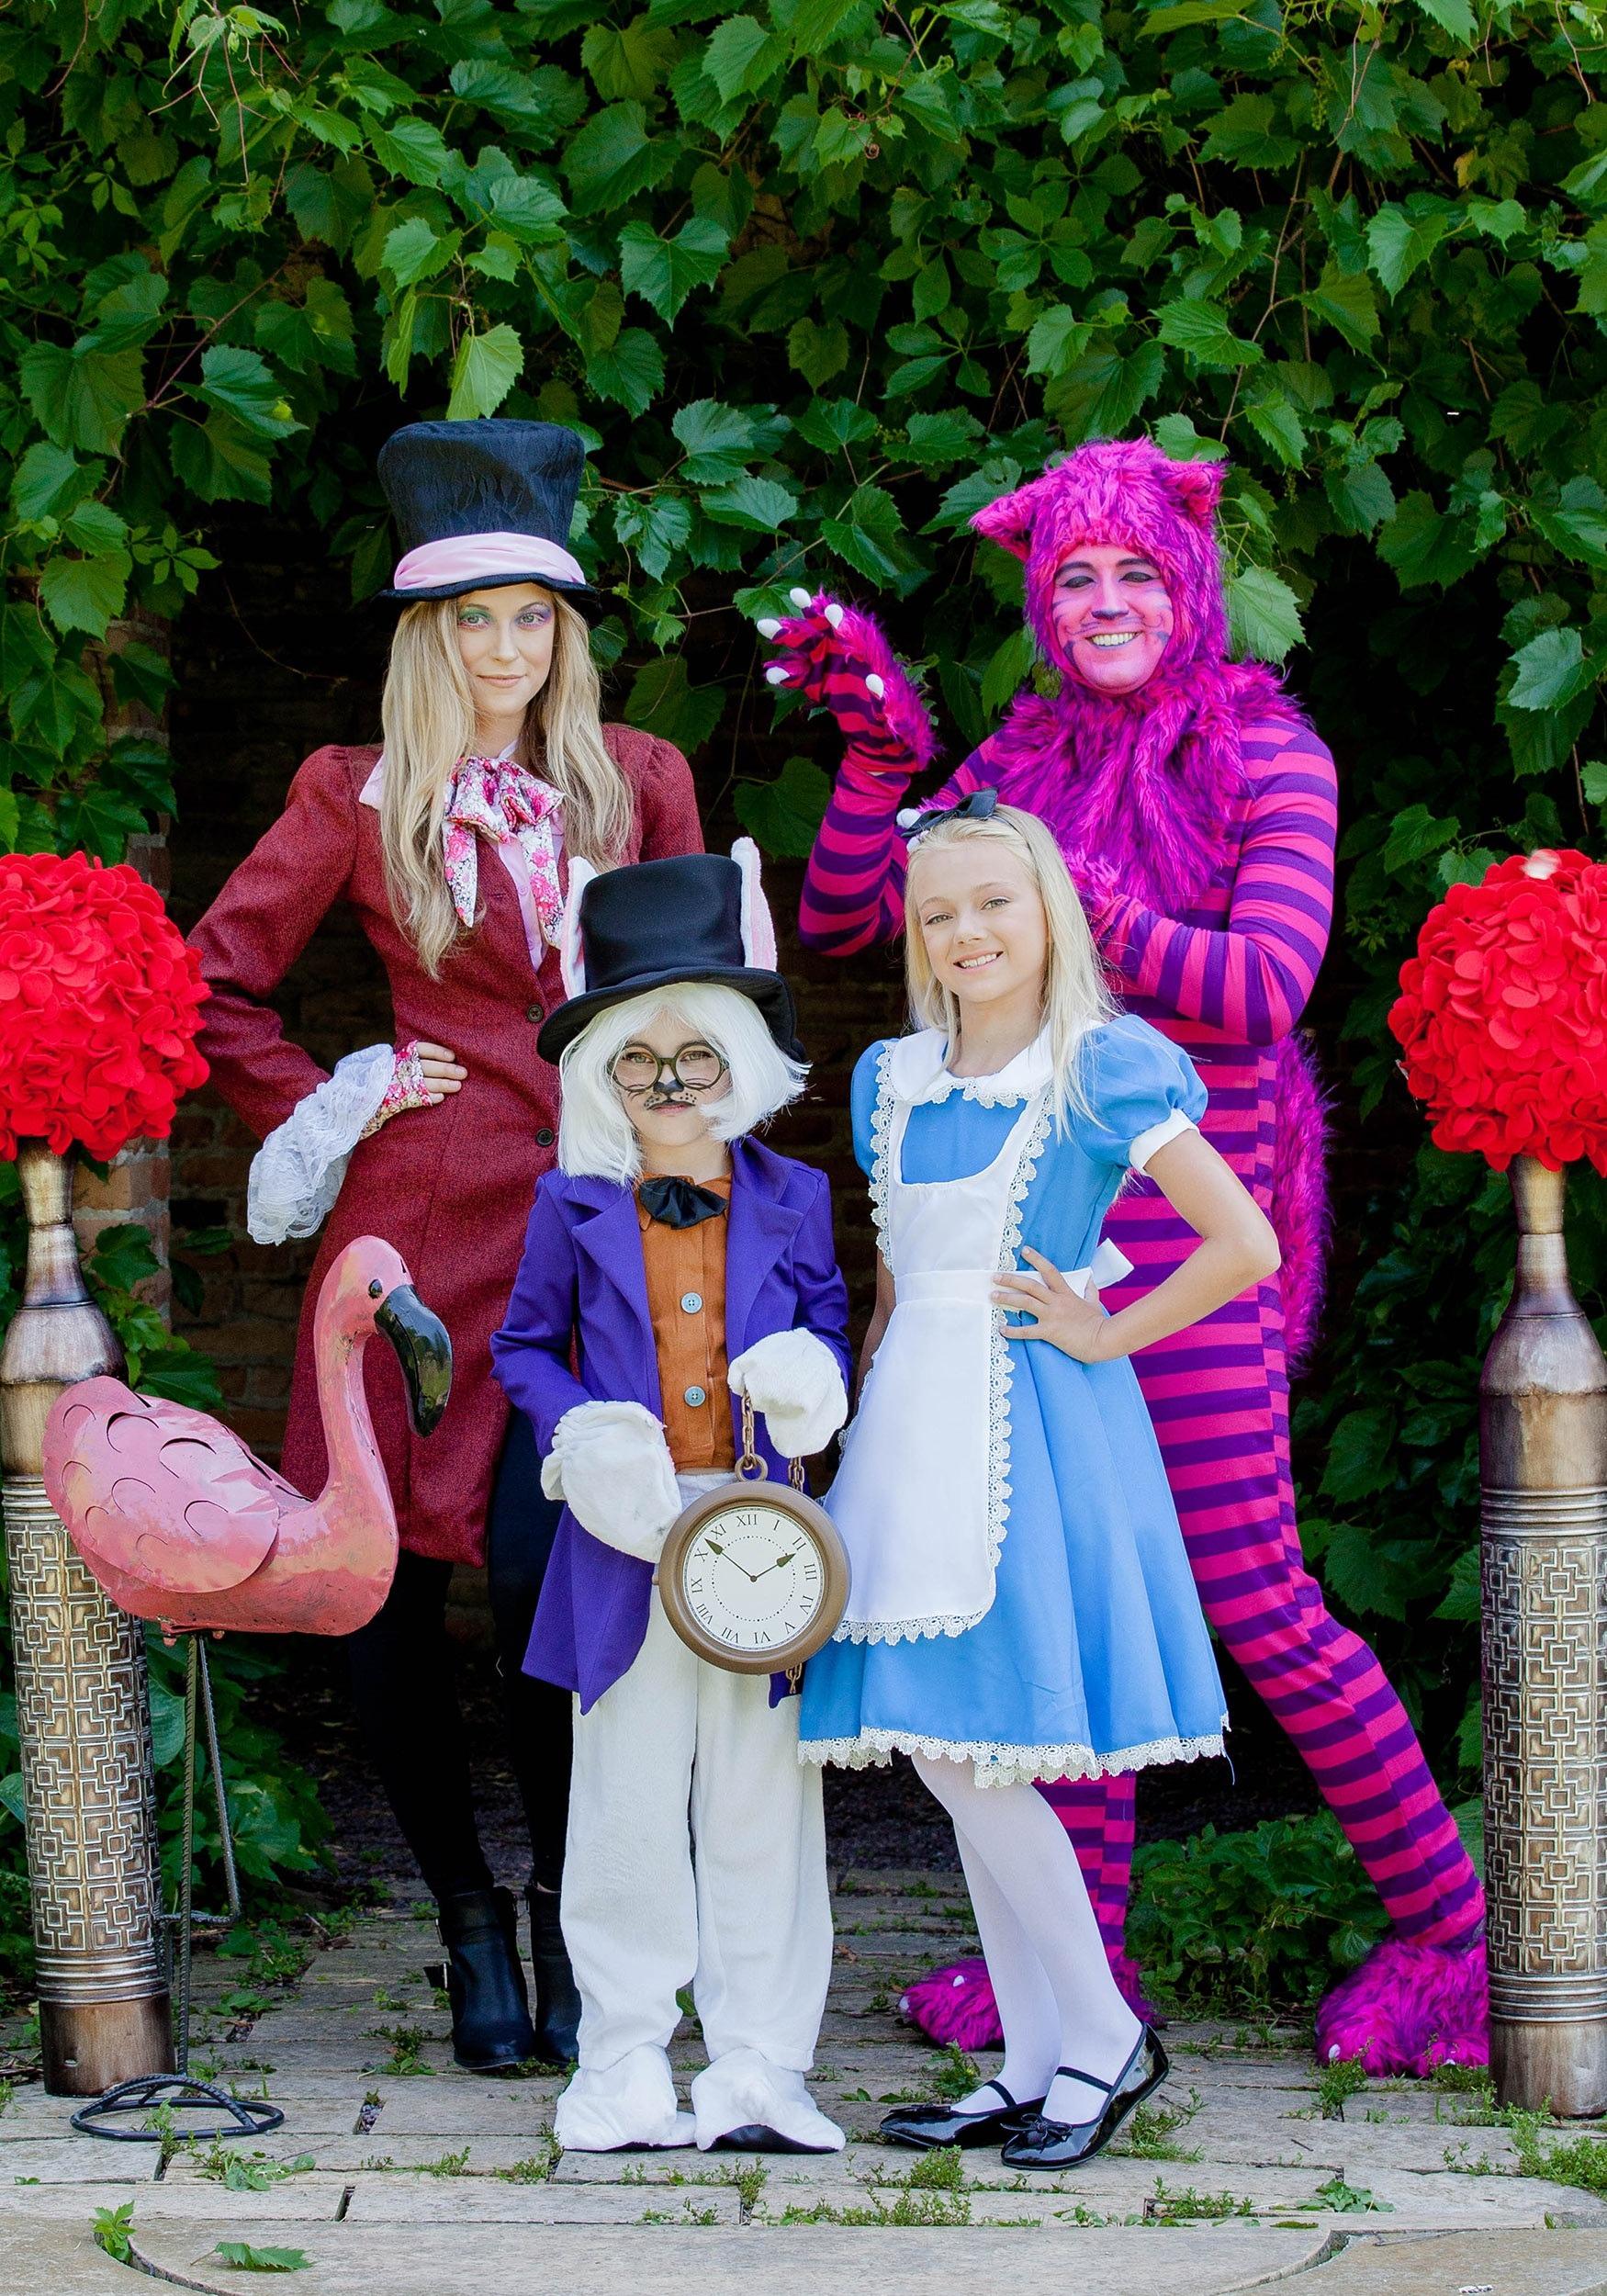 white rabbit child costume for kids